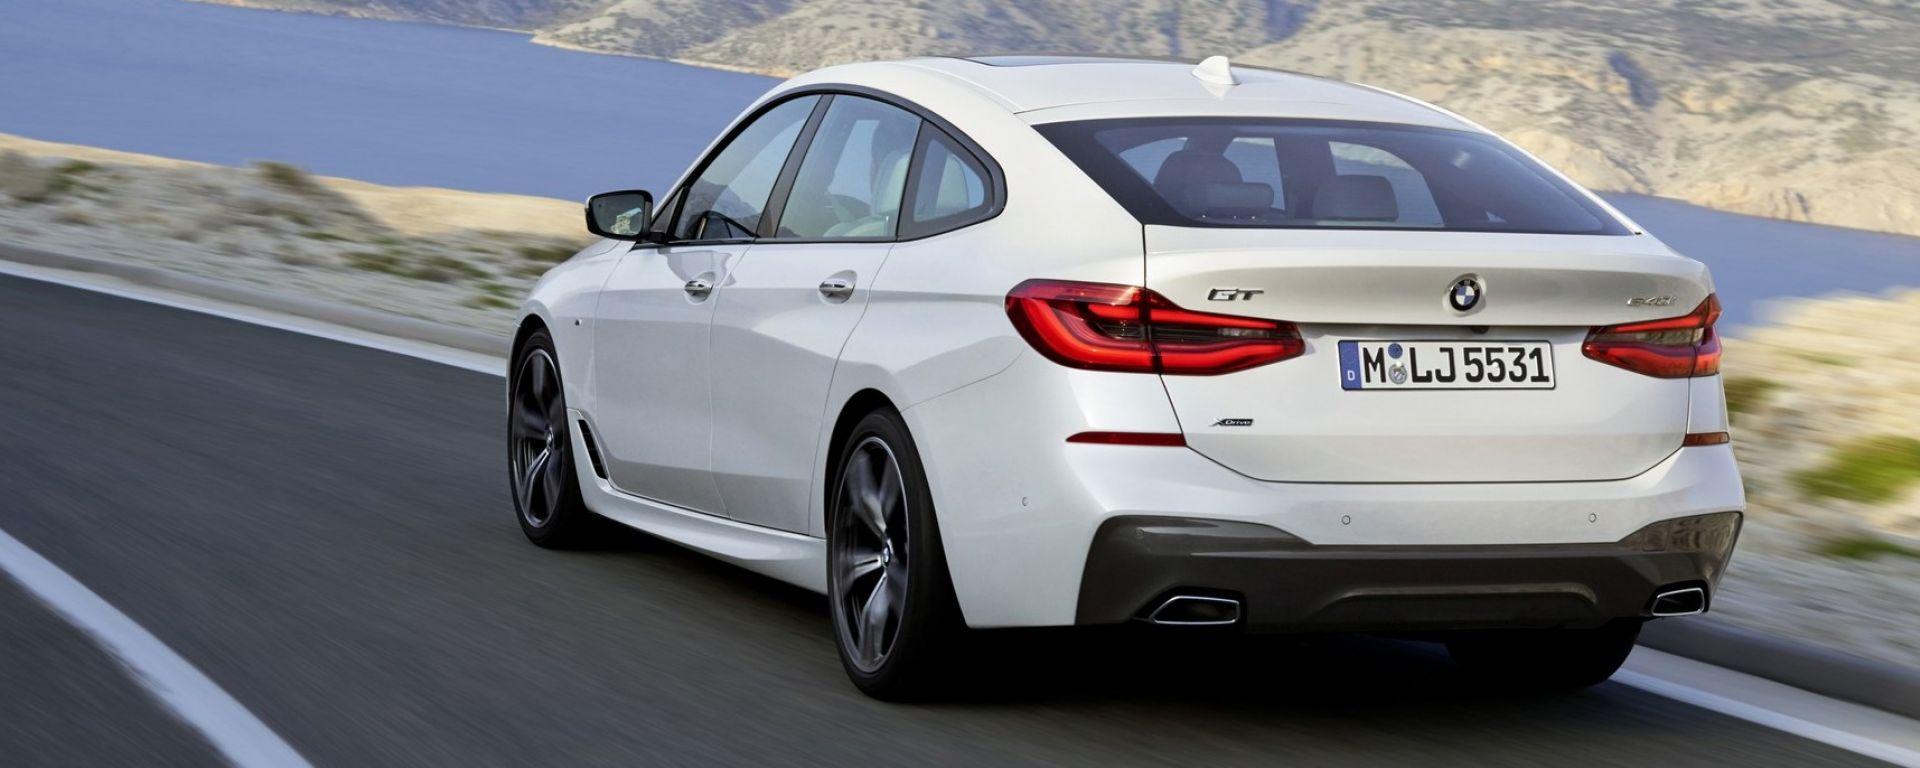 Nuova BMW Serie 6 Gran Turismo: il video